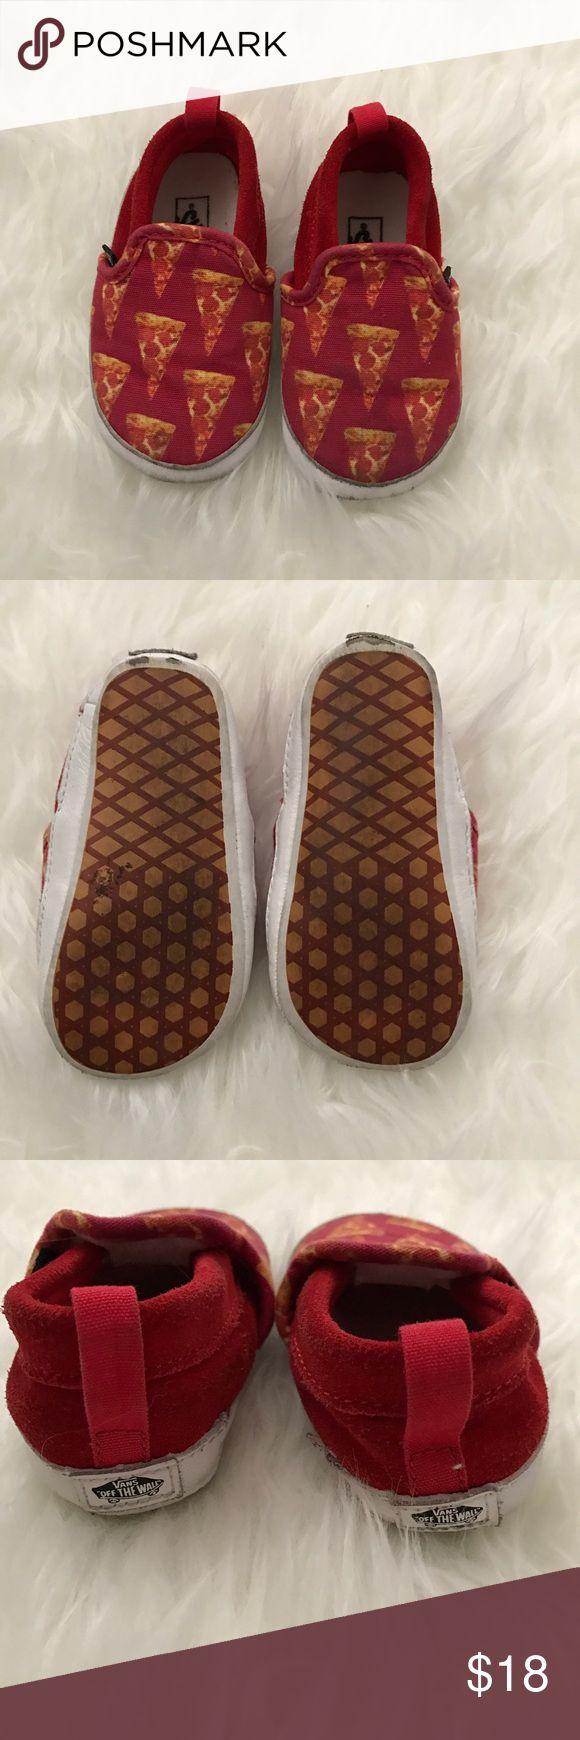 Pizza print Vans Worn a couple times Vans Shoes Sneakers